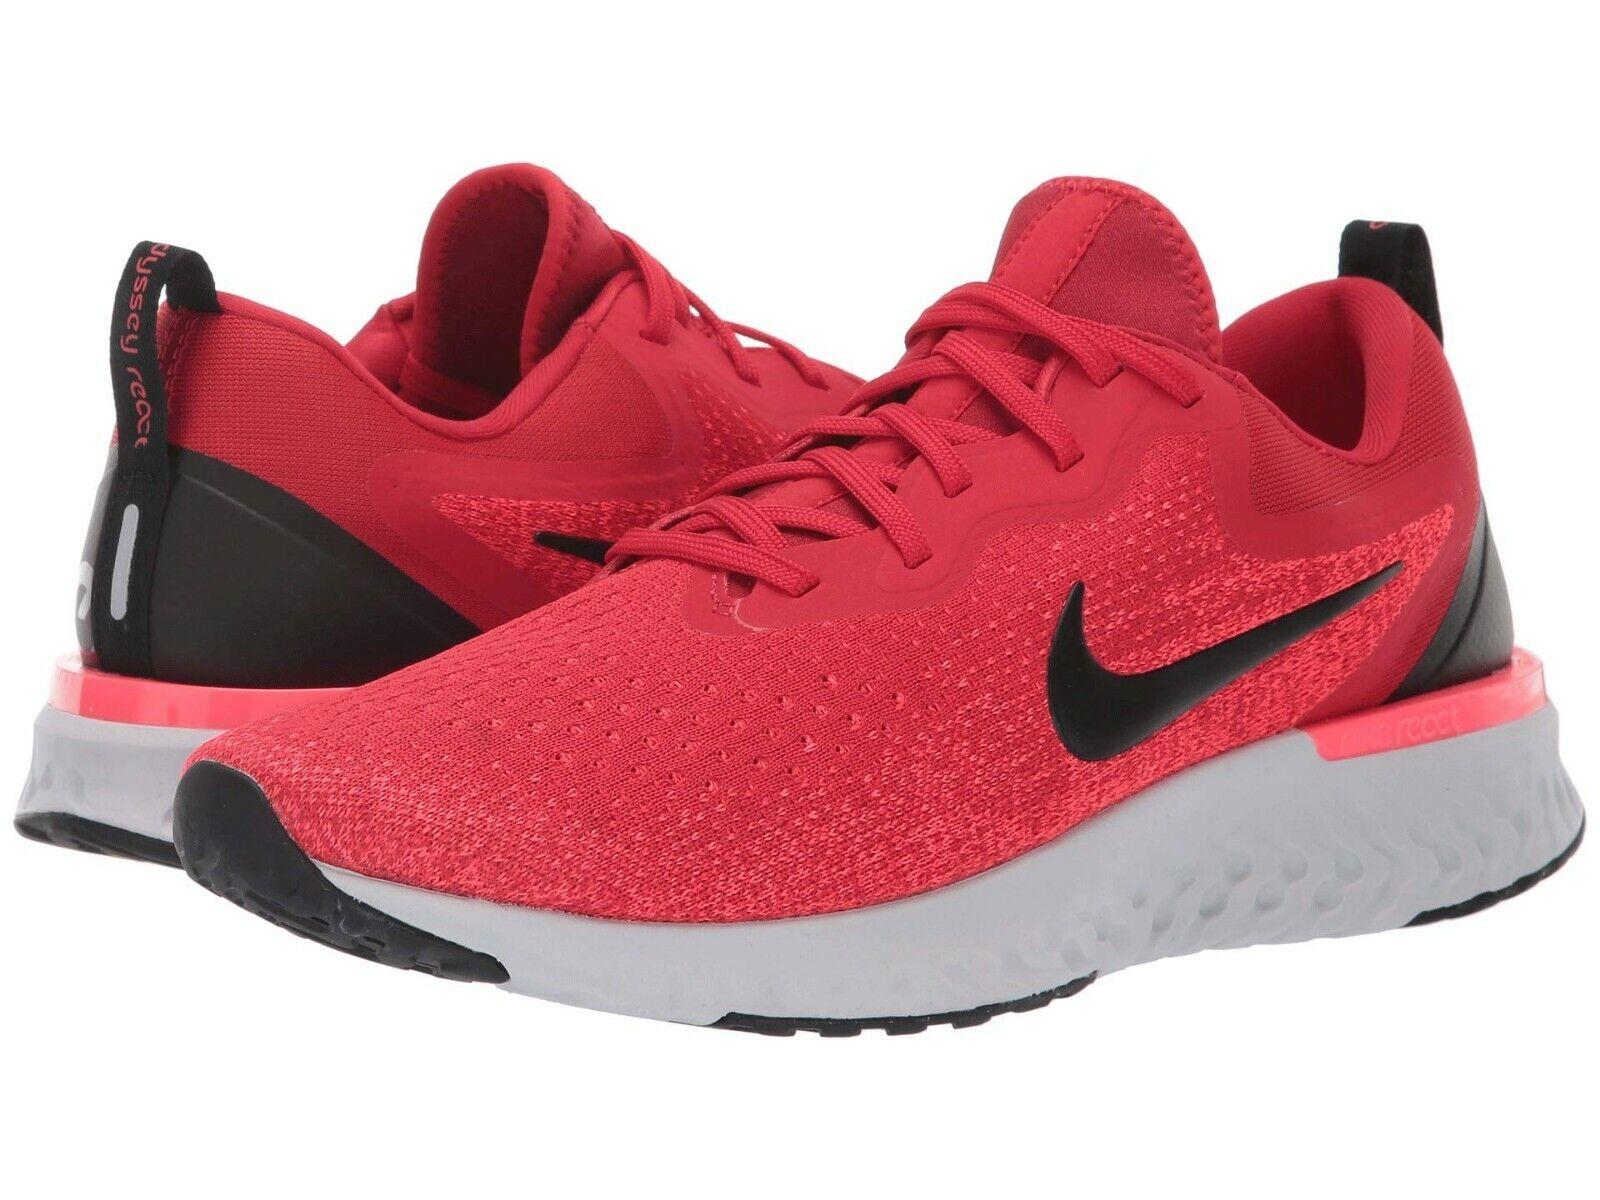 Gli uomini Nike Odyssey Reagisce Running scarpe, AAAA9819 601  Multi Dimensiones University rosso  Bl  negozio online outlet